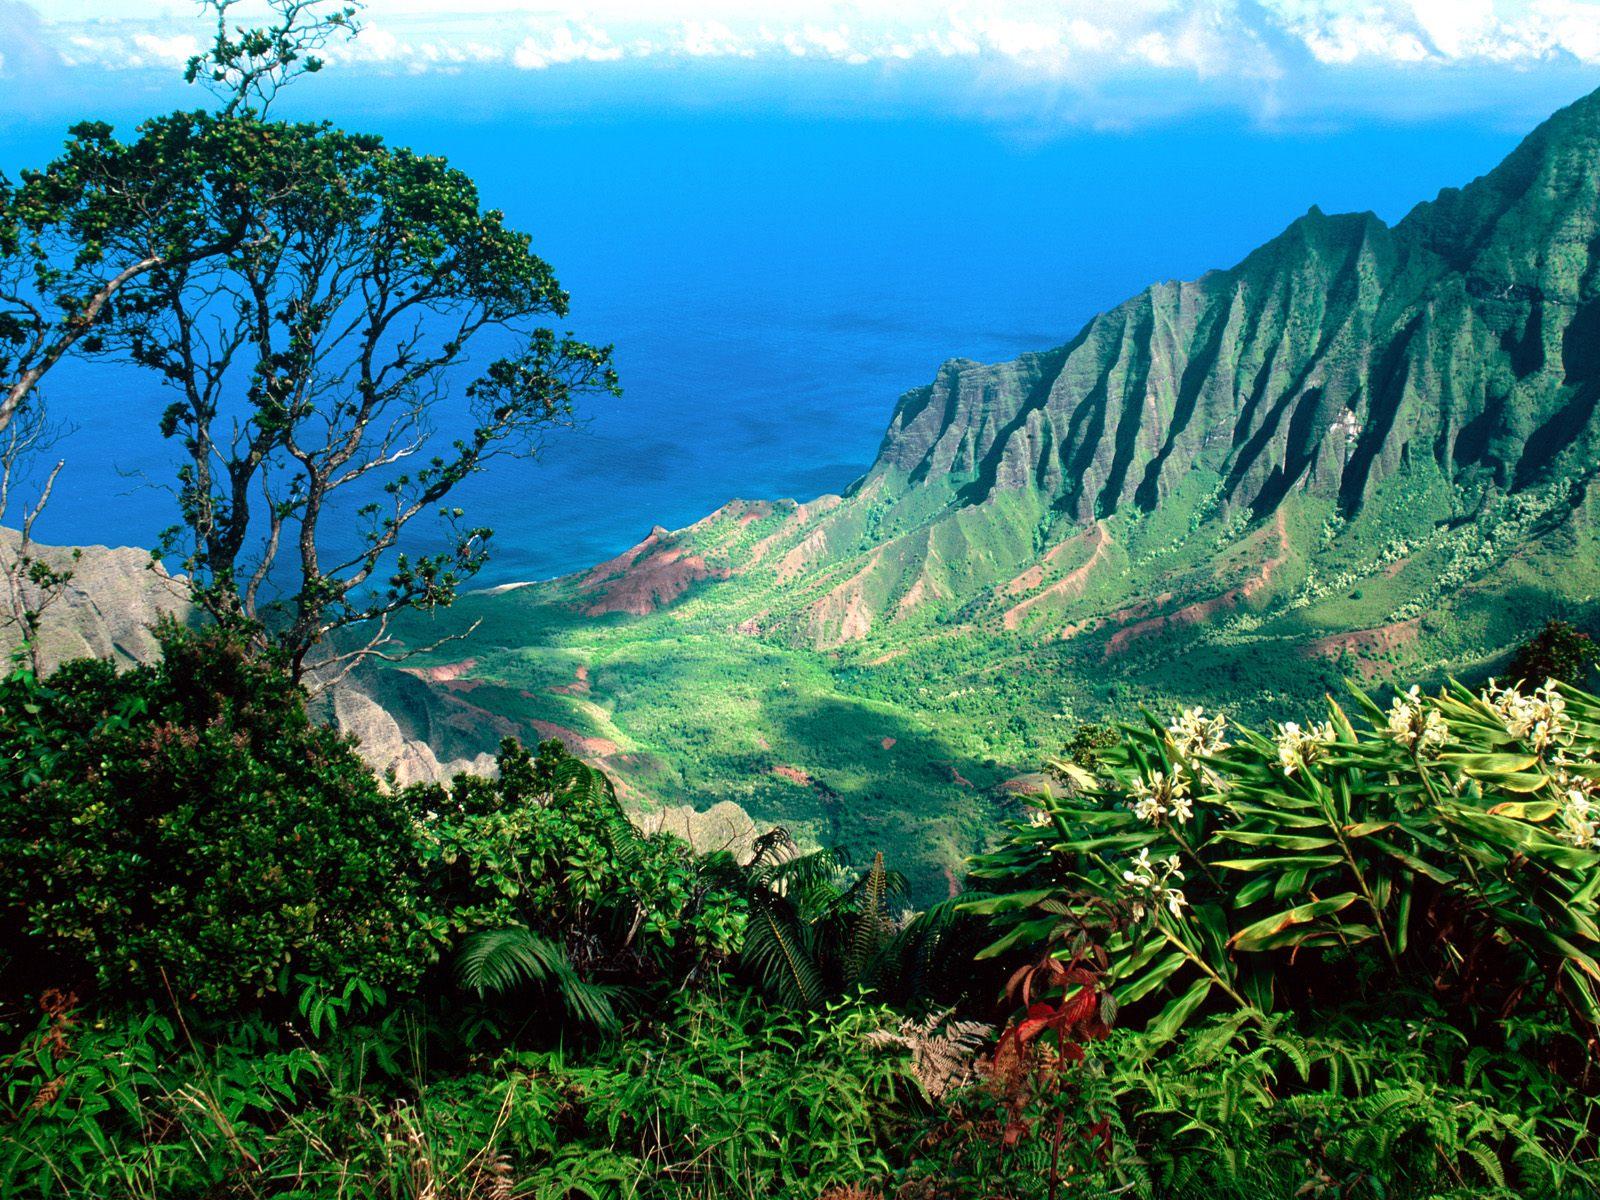 В какую странну мечтаете поехать? Gawai